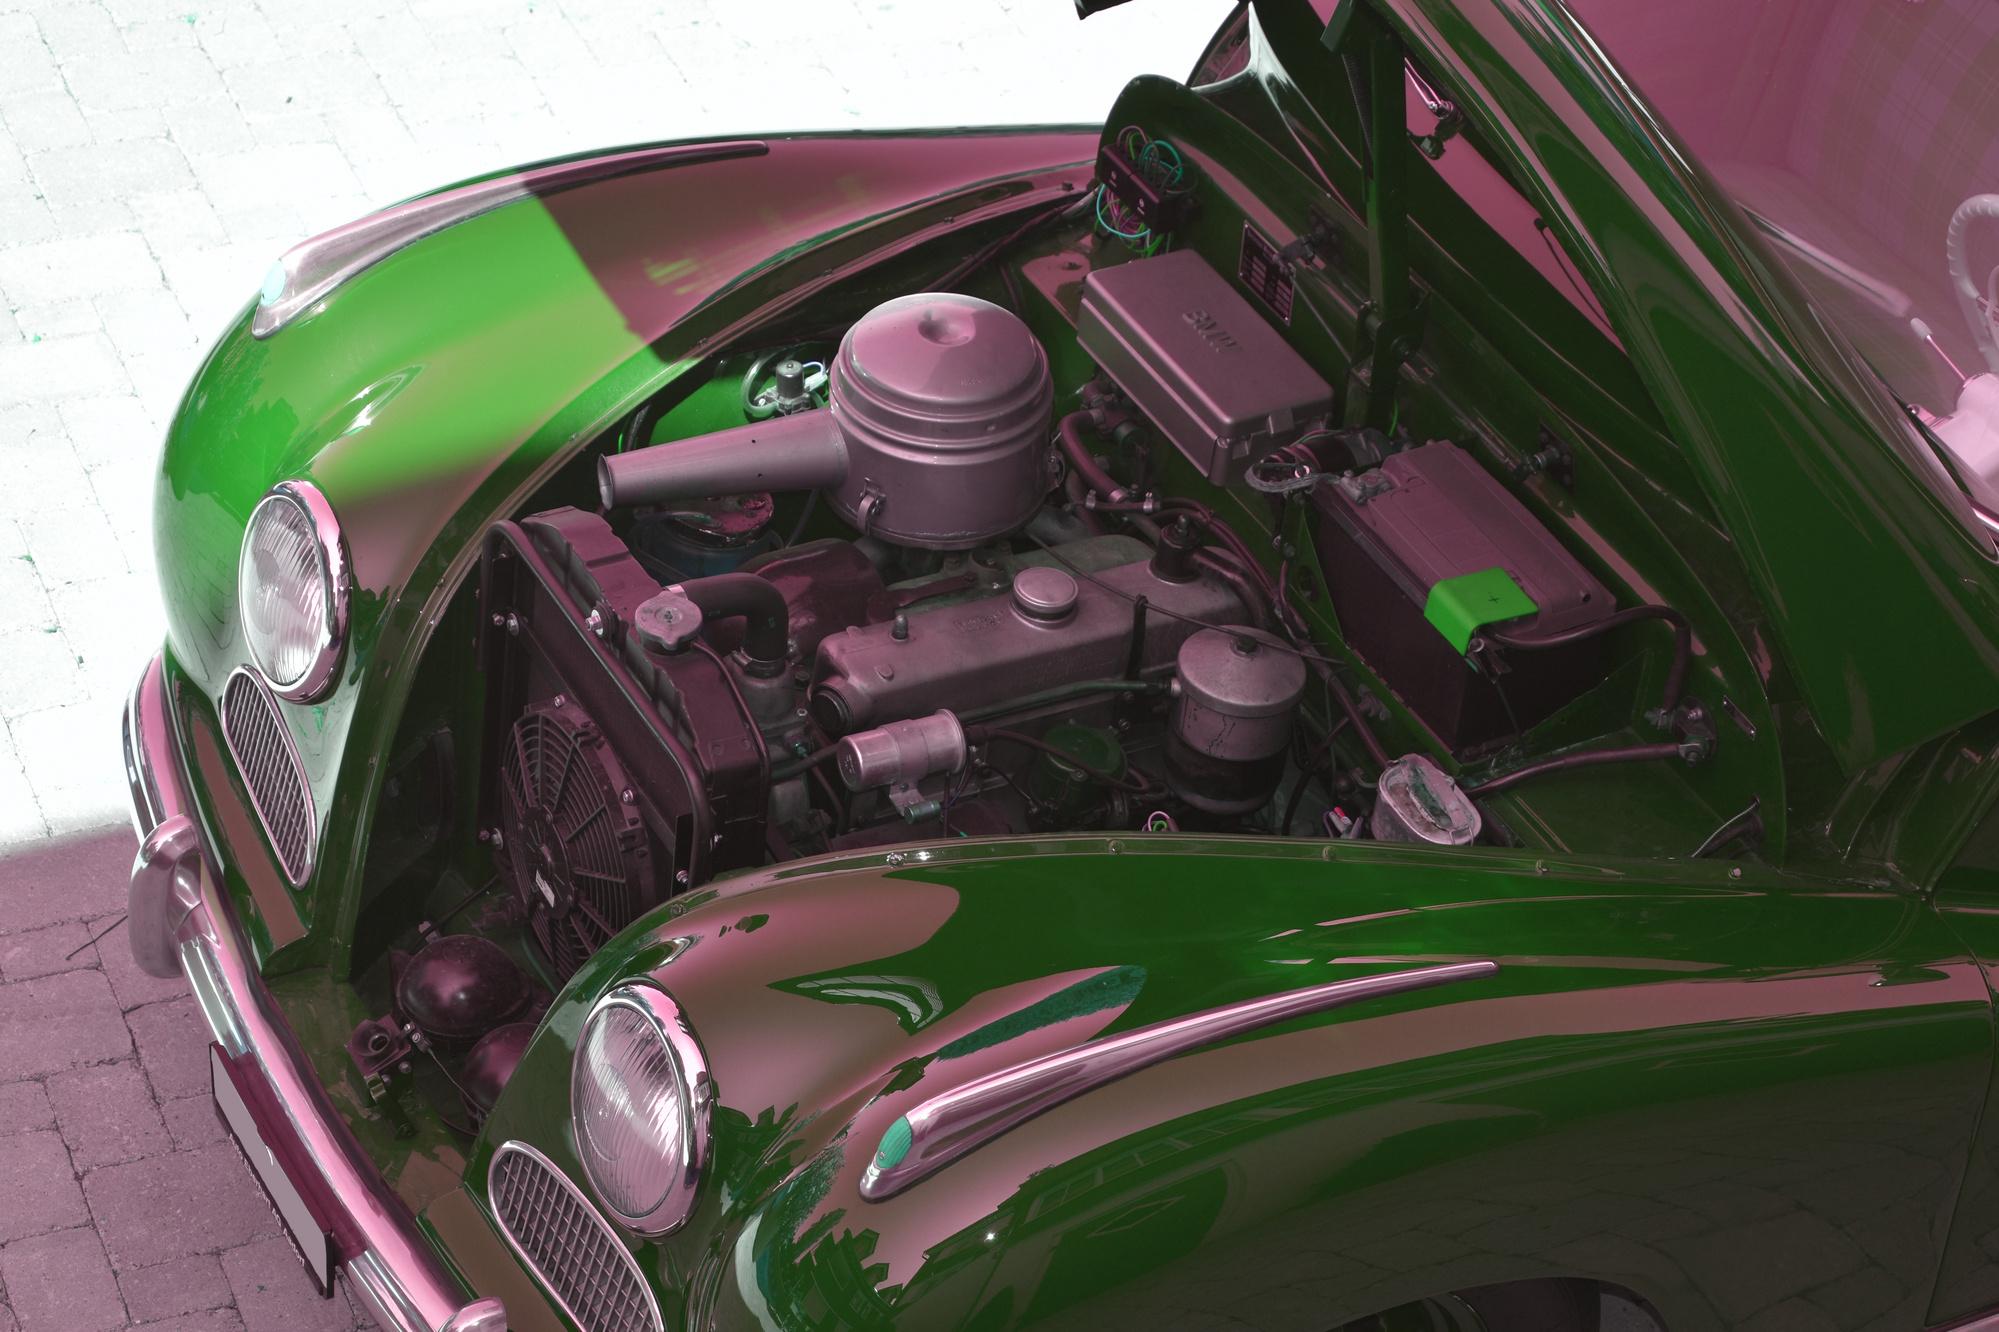 V6 Motor eines BMW 501-A mit offener Motorhaube